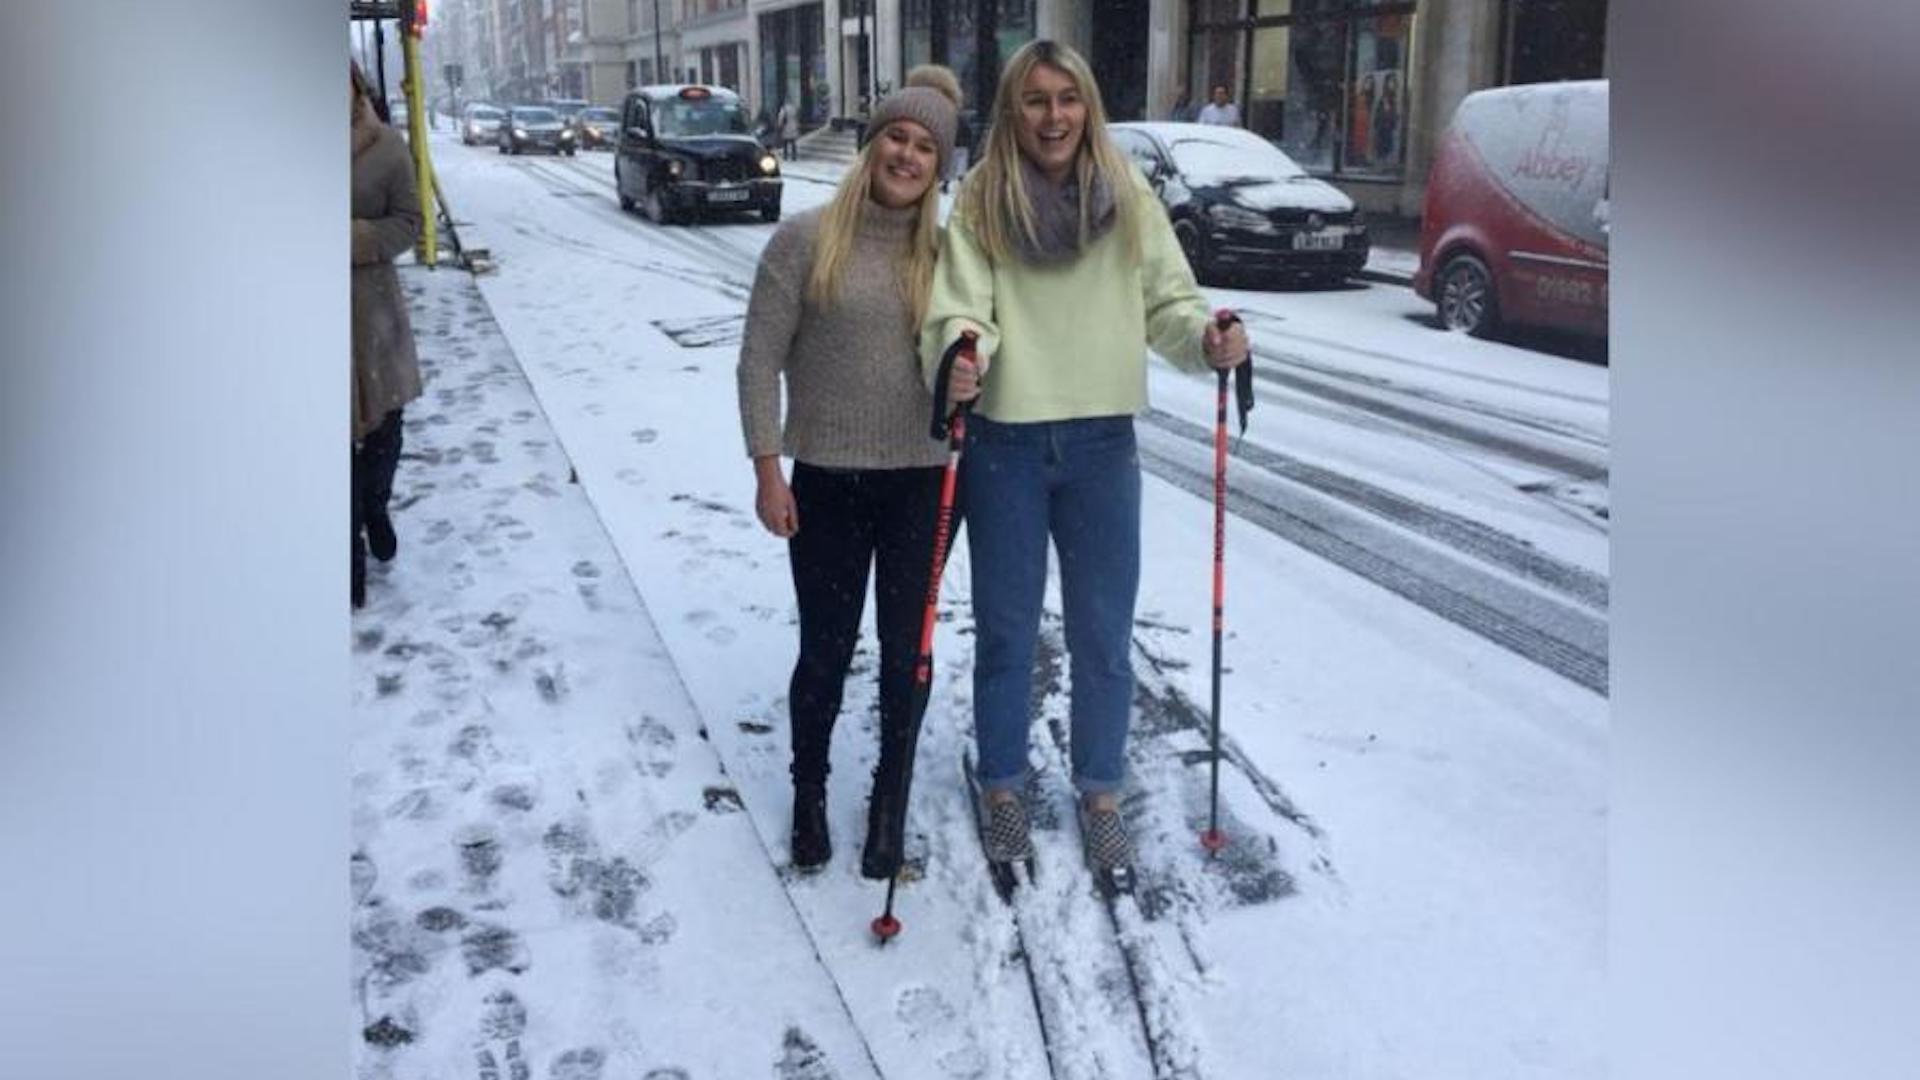 Europa está cubierta de nieve, y personas esquían en las calles de Londres